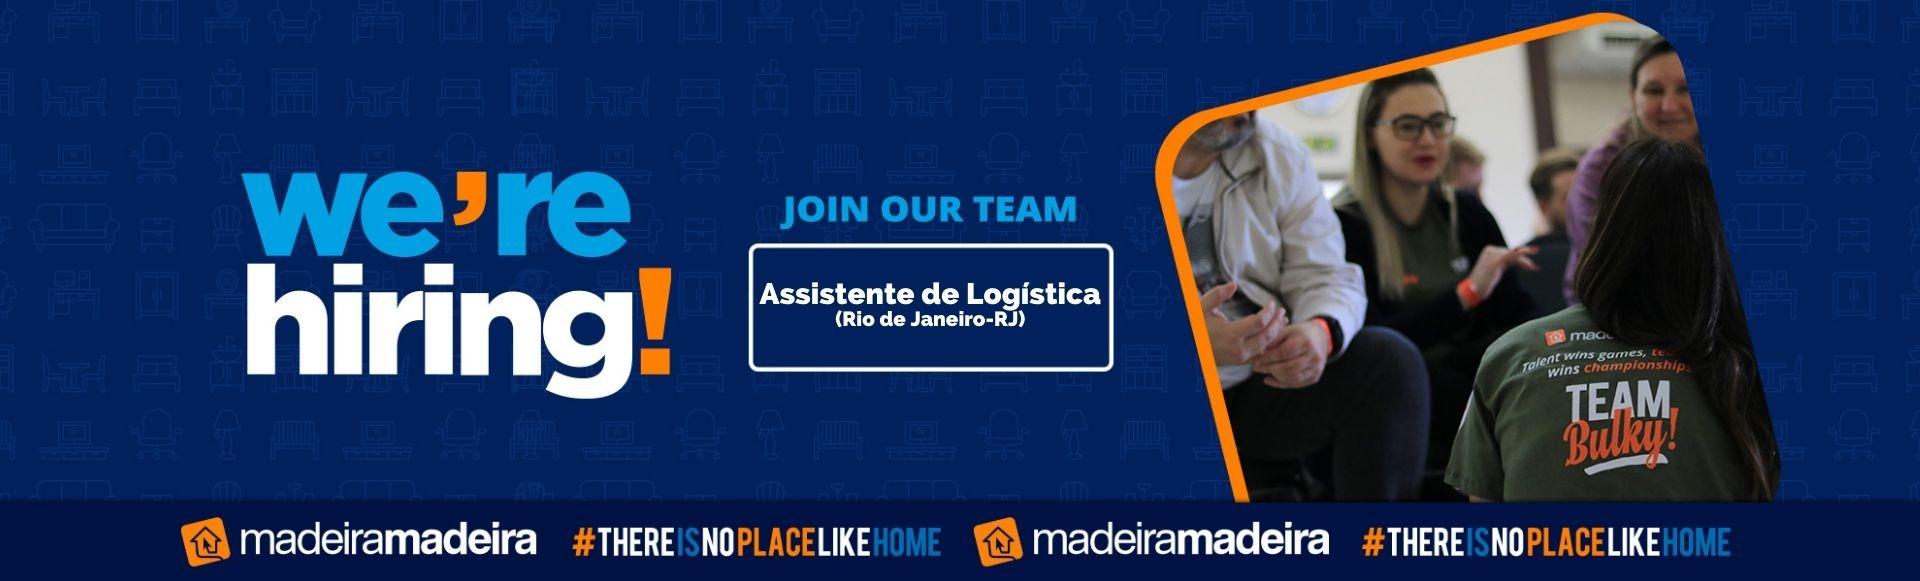 Assistente de Logística (Rio de Janeiro-RJ)